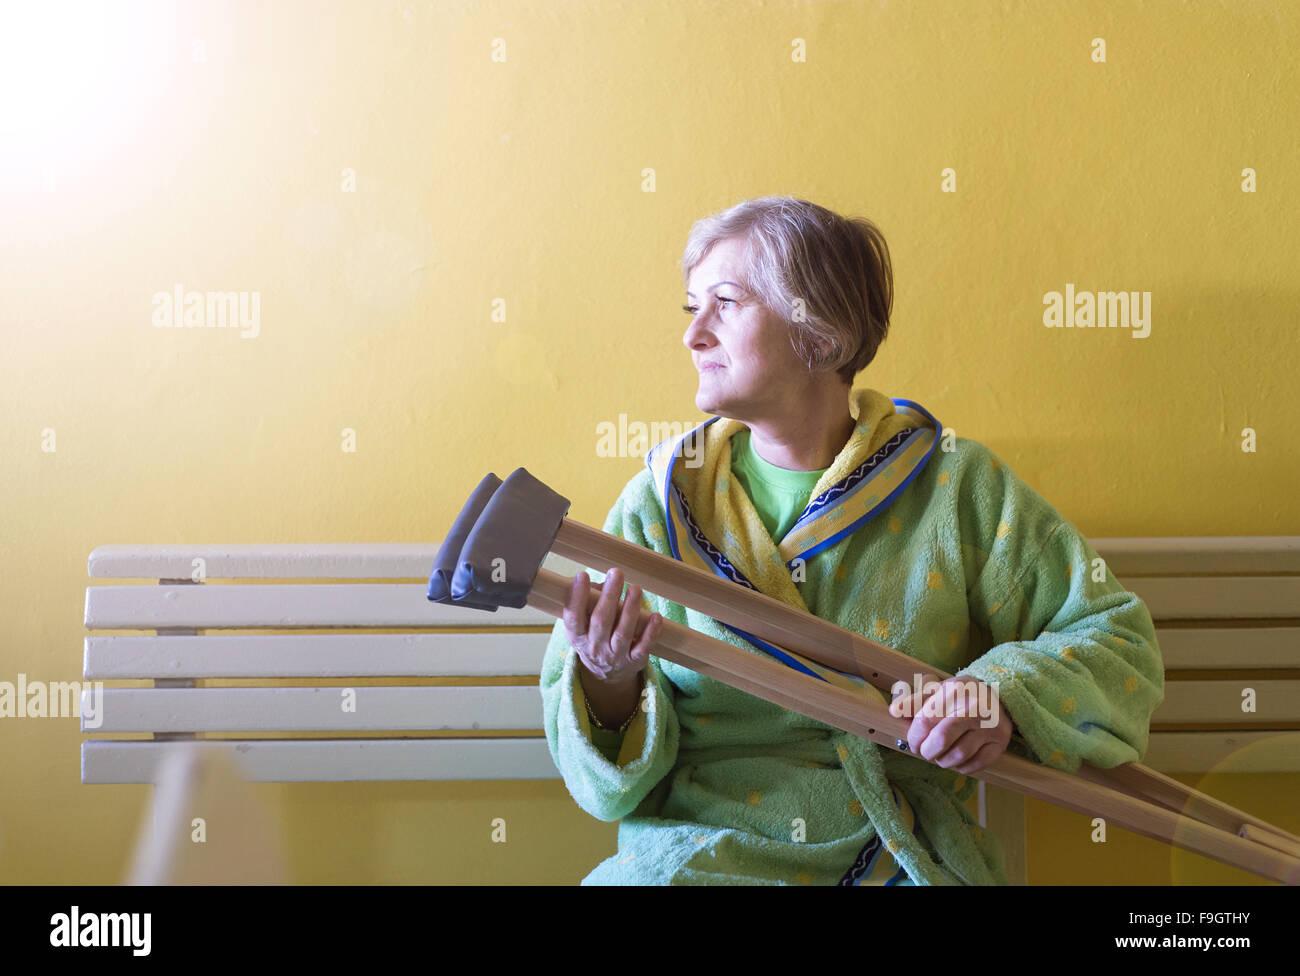 Senior woman blessés assis dans le couloir de l'hôpital holding béquilles Photo Stock